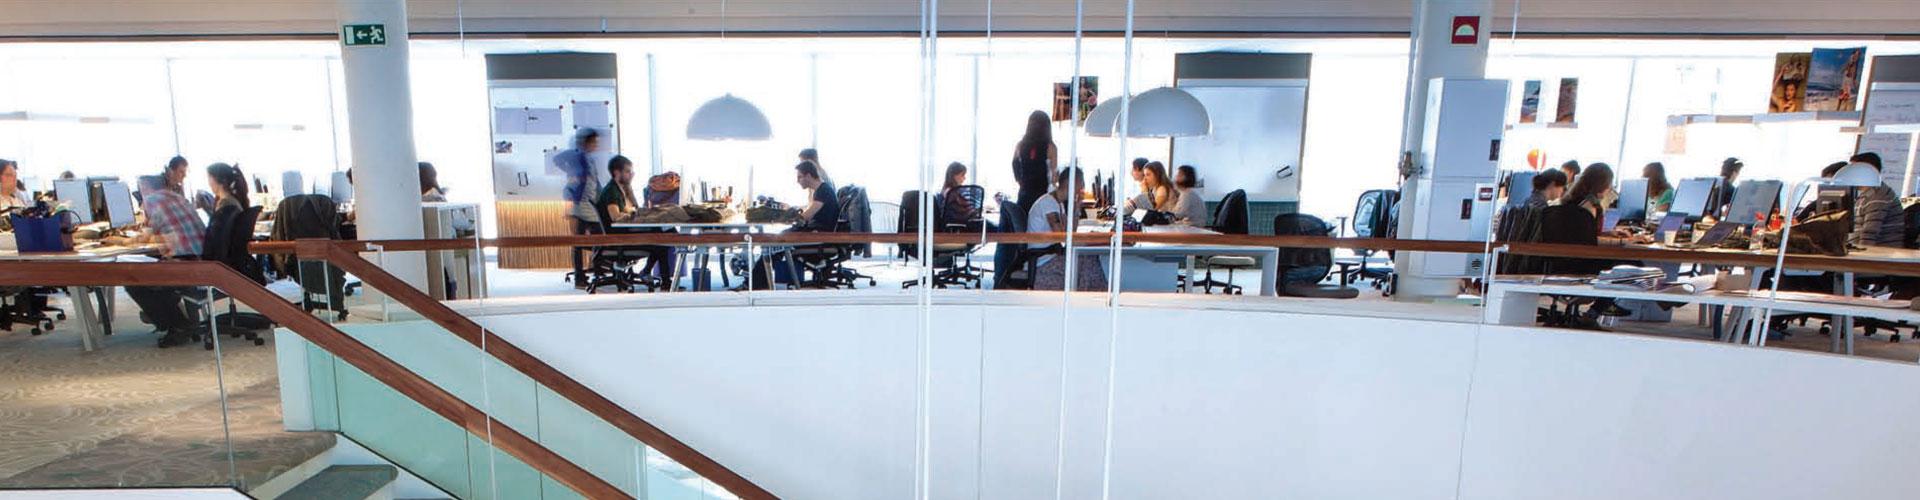 Las oficinas del edificio ocean en barcelona alquiler de oficinas - Oficinas desigual barcelona ...